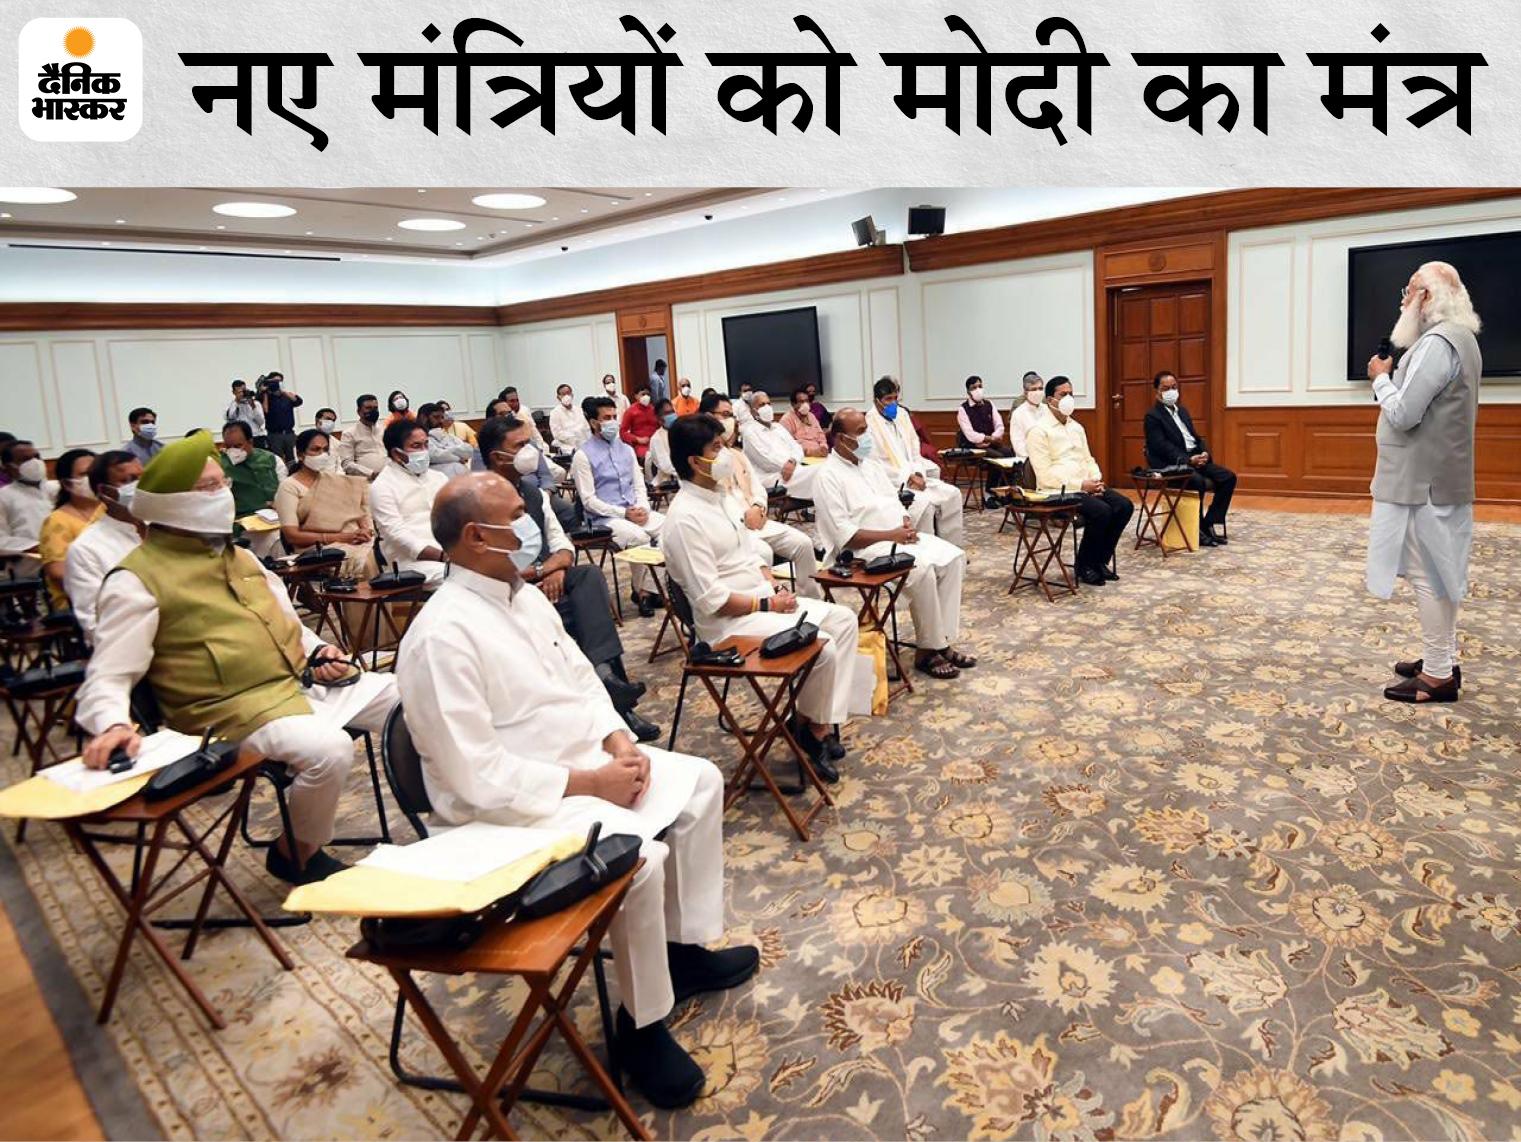 शपथ लेने वाले सांसदों को प्रधानमंत्री मोदी ने अपने आवास पर संबोधित किया।